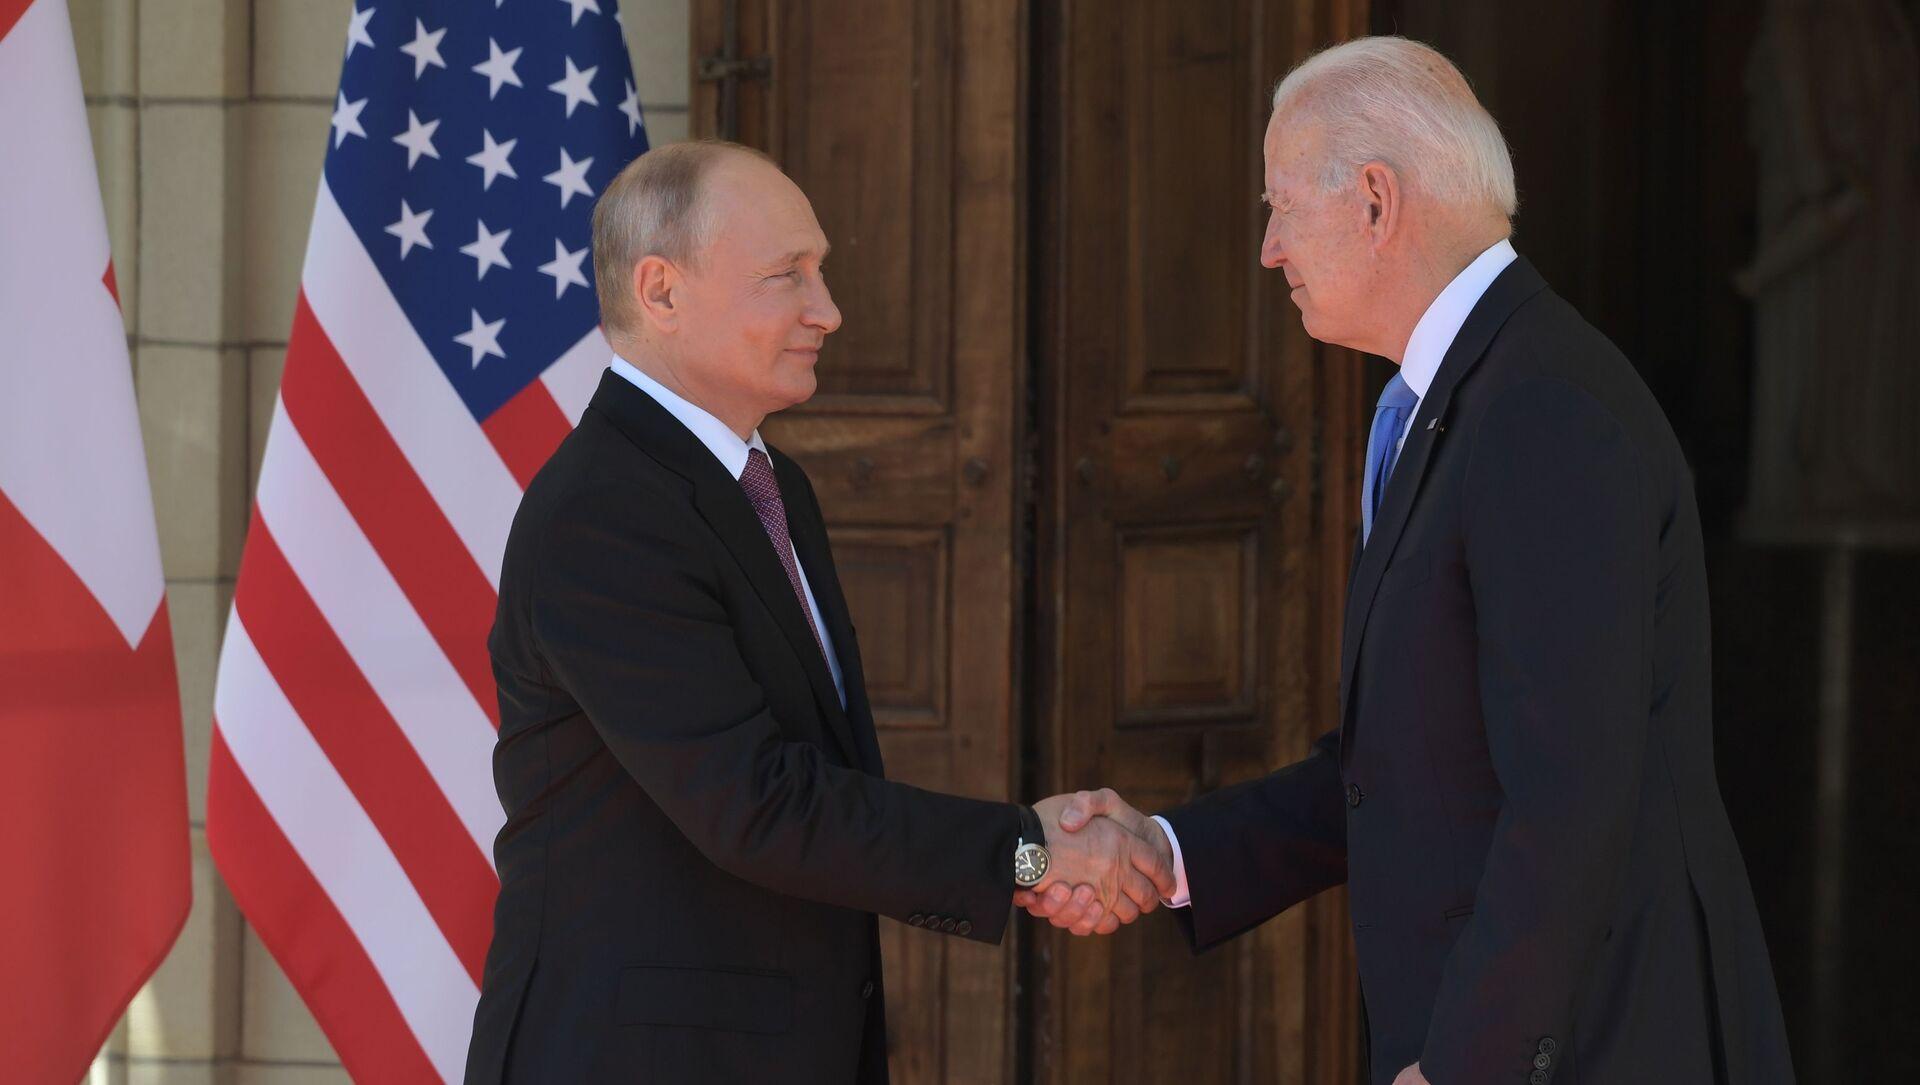 აშშ-ის და რუსეთის პრეზიდენტები - Sputnik საქართველო, 1920, 16.06.2021